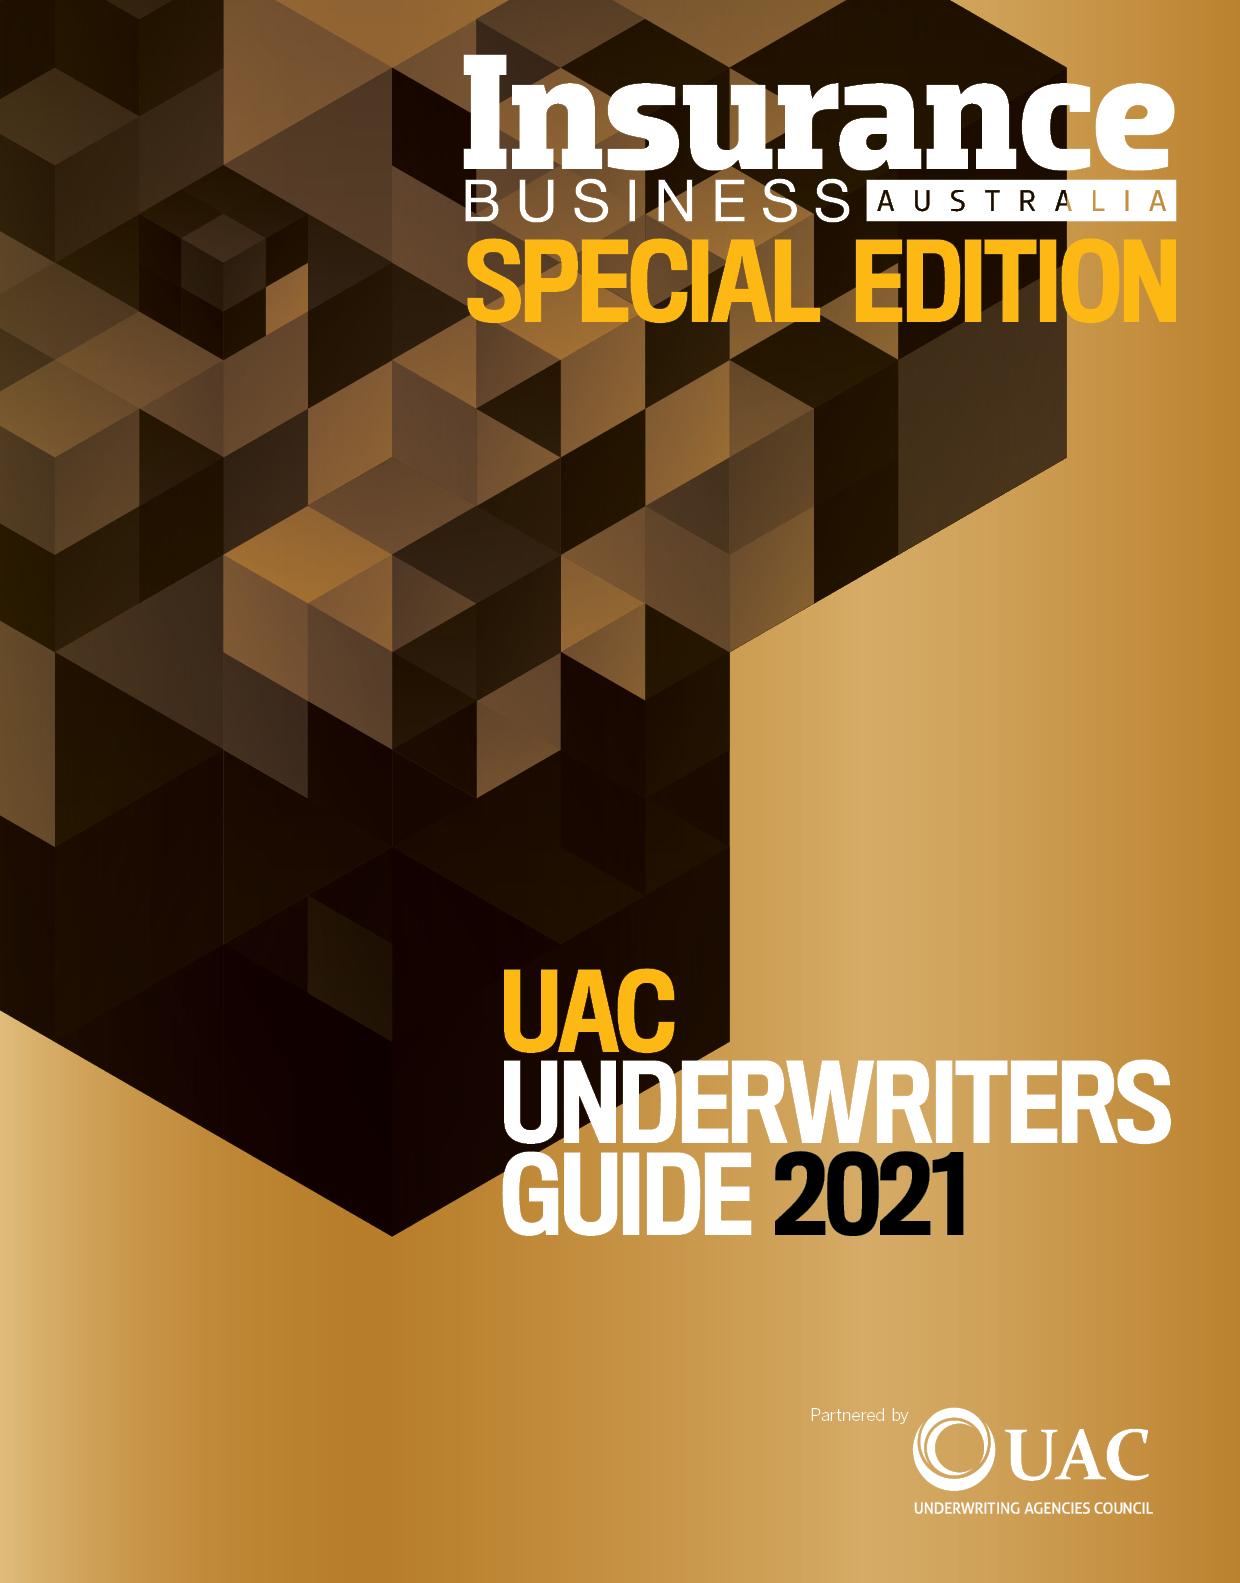 UAC Underwriters Guide 2021